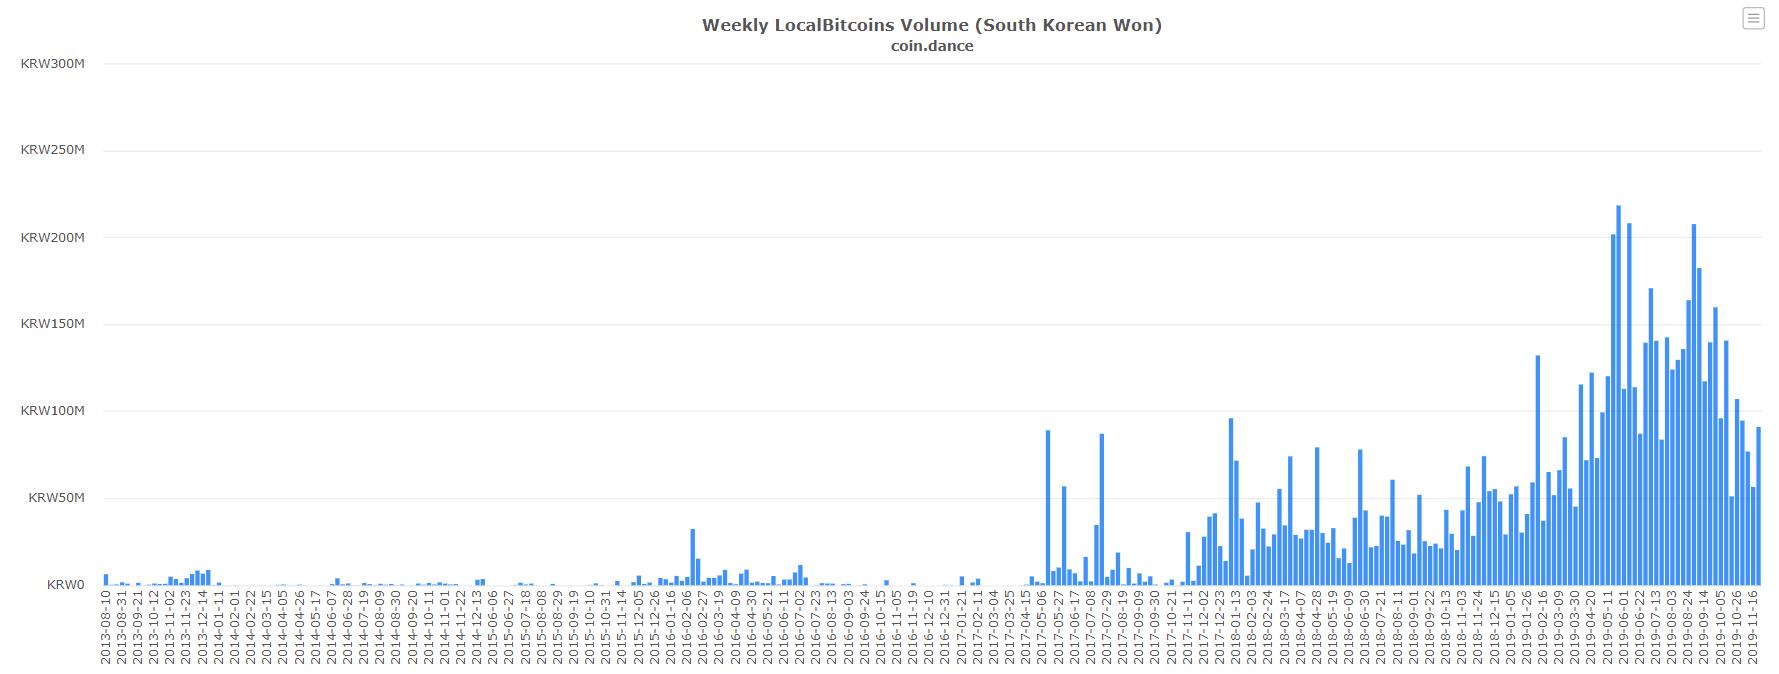 СМИ: Южная Корея стала на шаг ближе к легализации криптовалют